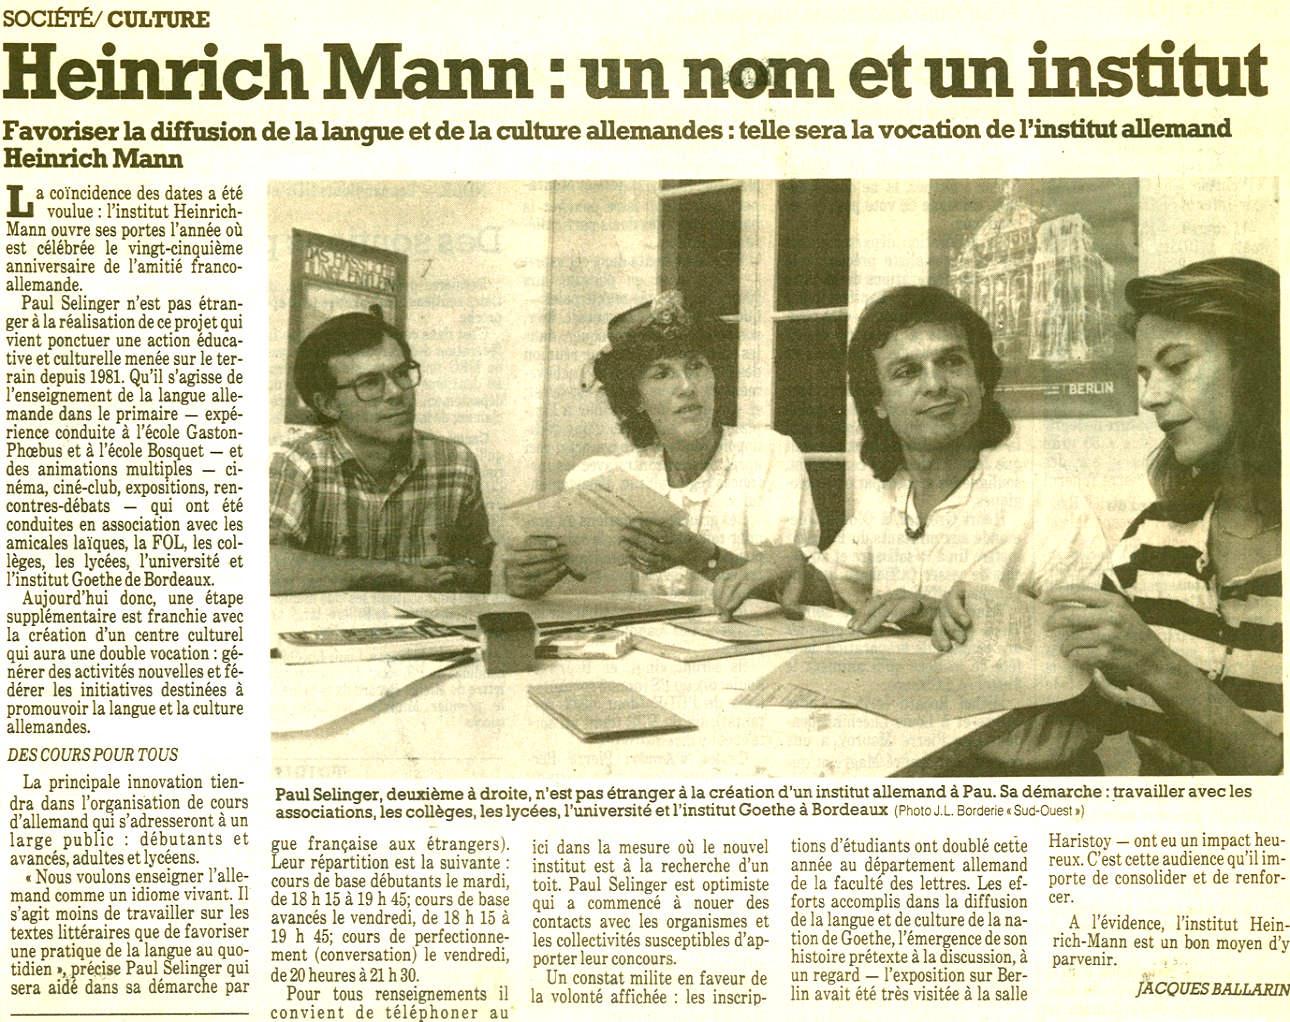 1988 : fondation de l'Institut